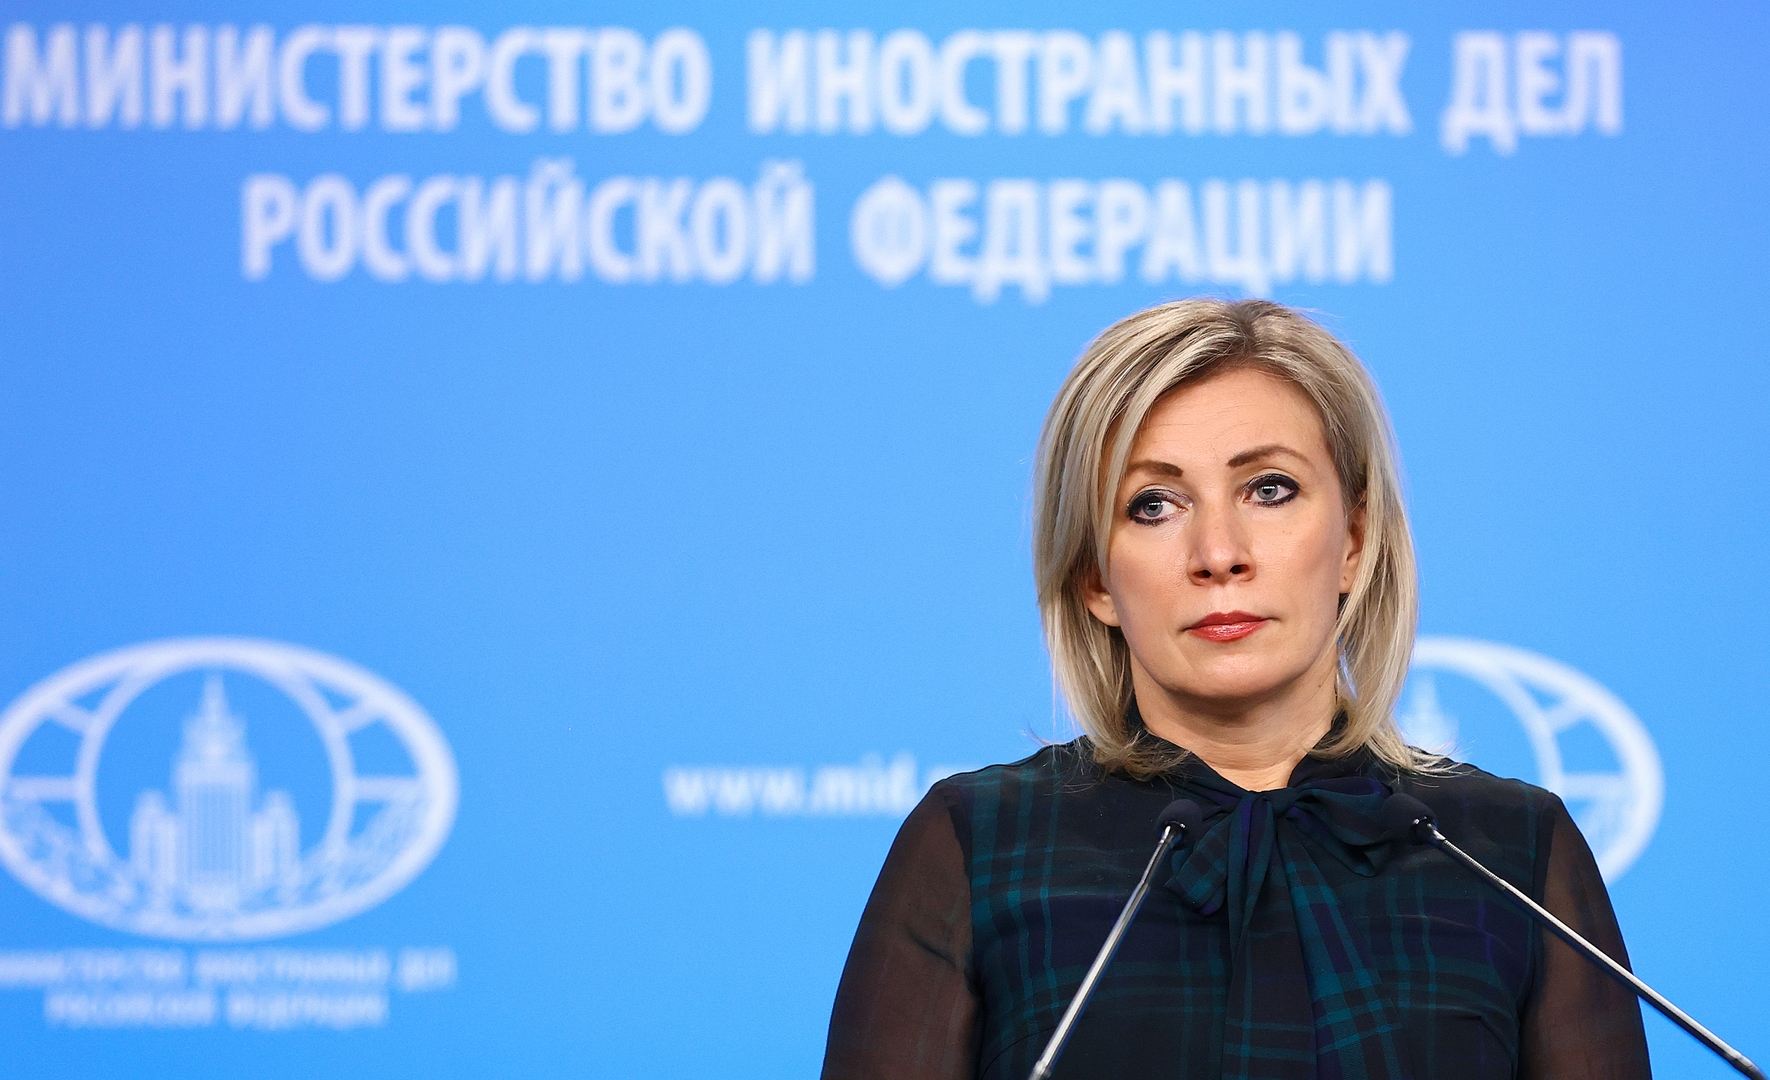 الخارجية الروسية: بحث موضوع تسليم الكوريل لليابان ممنوع بموجب دستورنا